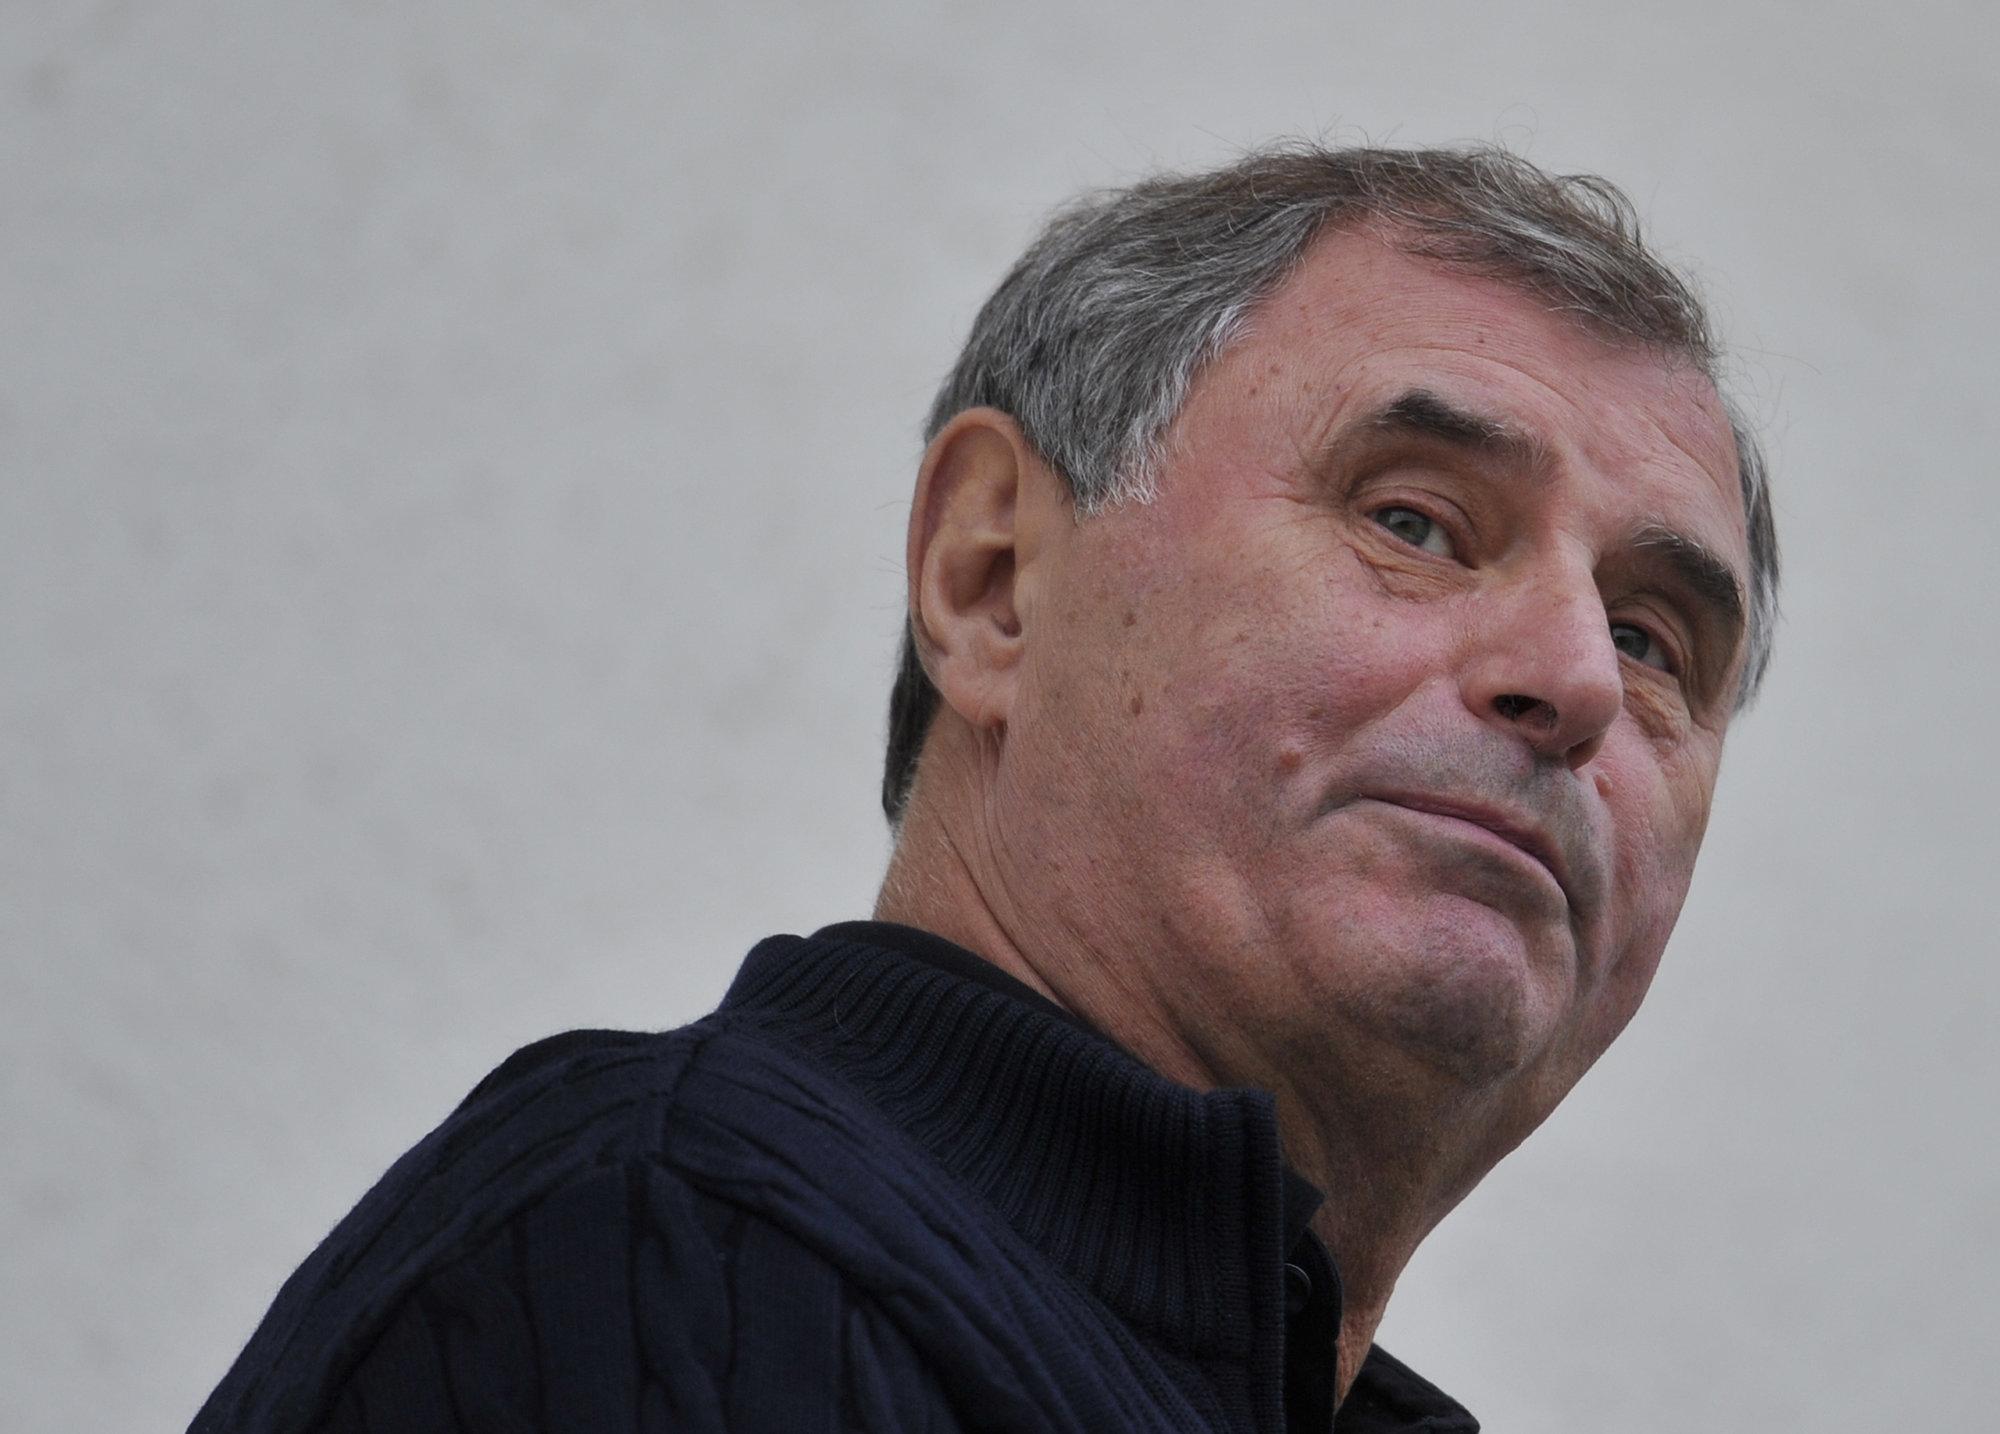 Анатолий Бышовец: Стоило Гинеру сказать, что Егоров должен застрелиться, как тот и «застрелился»…